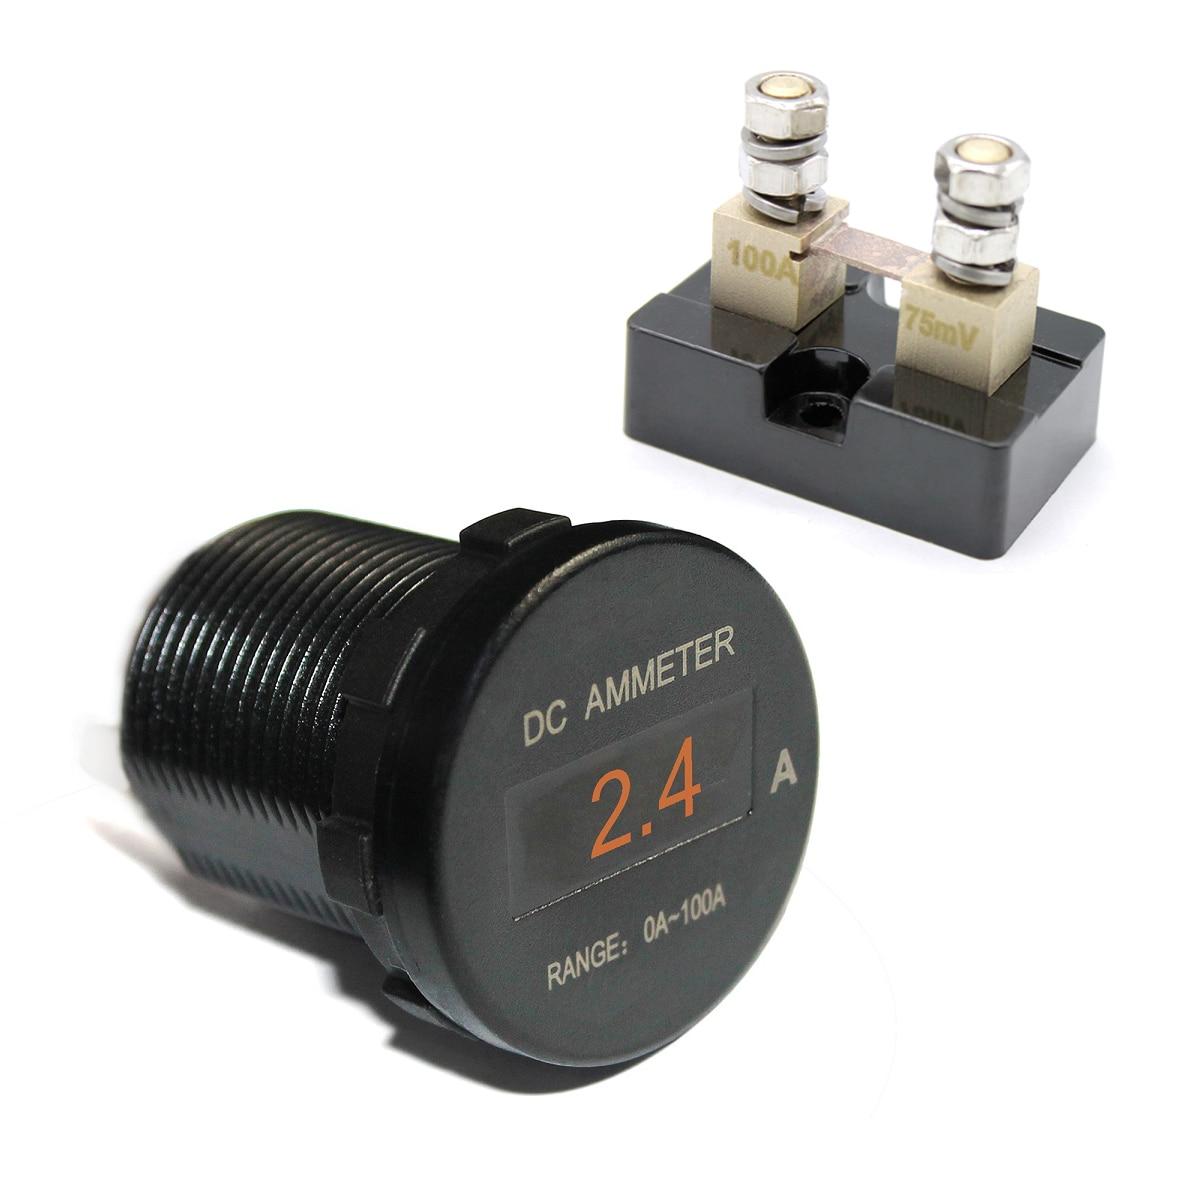 Zielsetzung Universal Auto Boot Marine Mini Digital Oled Dc Amperemeter Monitor Strom Amp Meter 12 V/24 V 5 Farbe Bildschirm Wasserdicht Ip66 Um Der Bequemlichkeit Des Volkes Zu Entsprechen